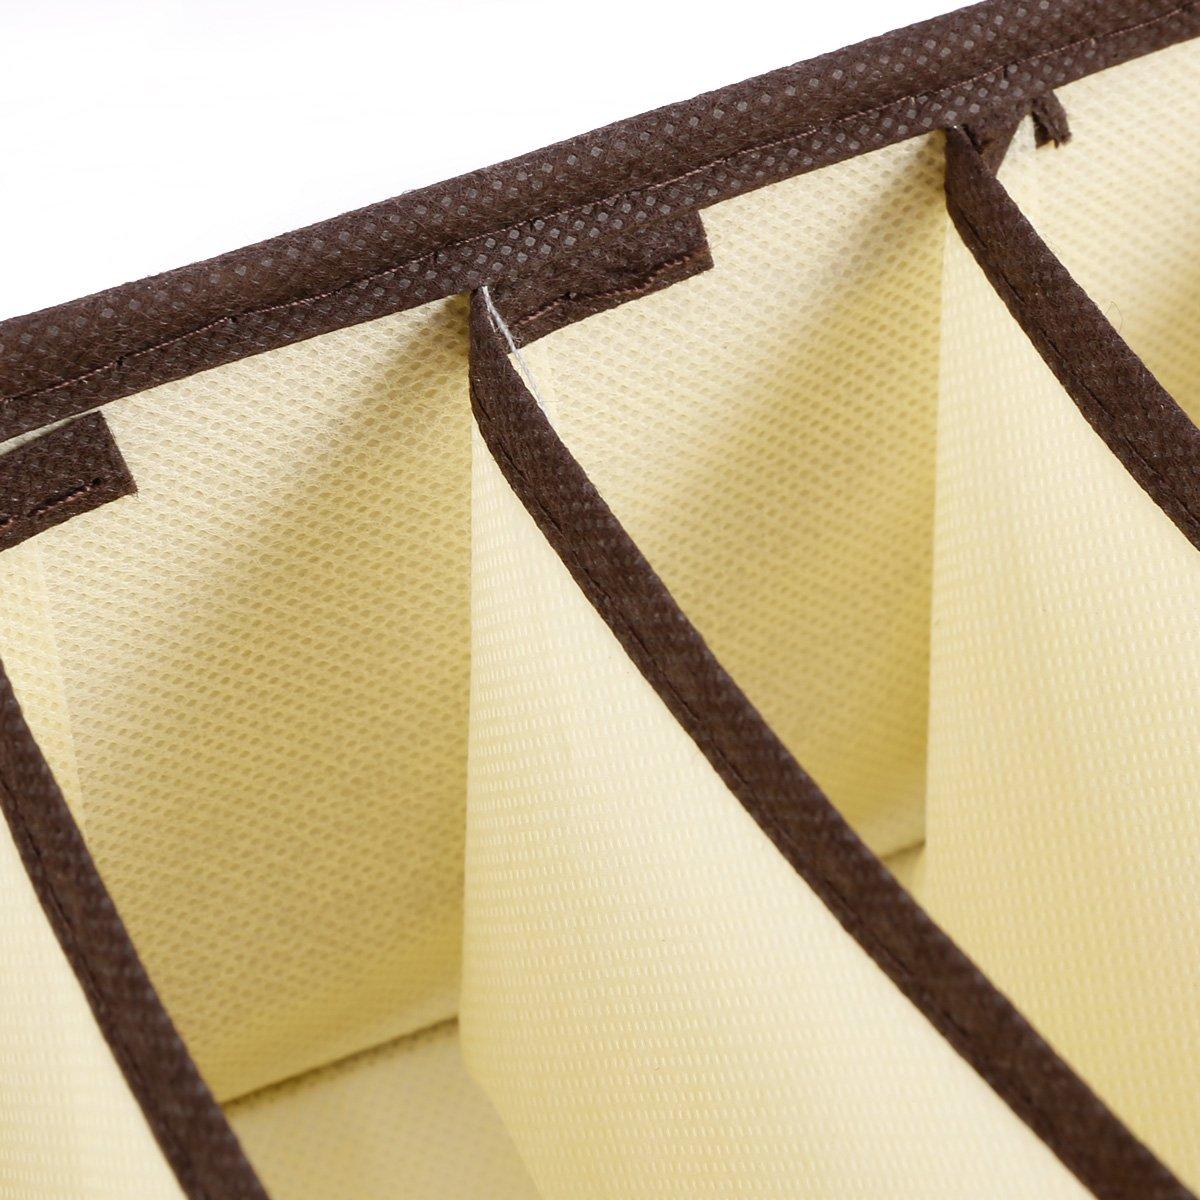 4er Set Schubladenorganizer Faltbar Aufbewahrungsboxen Beige f/ür Unterw/äsche Schals Dessous Socken und Andere Kleine Zubeh/örteile B/üstenhalter Krawatte